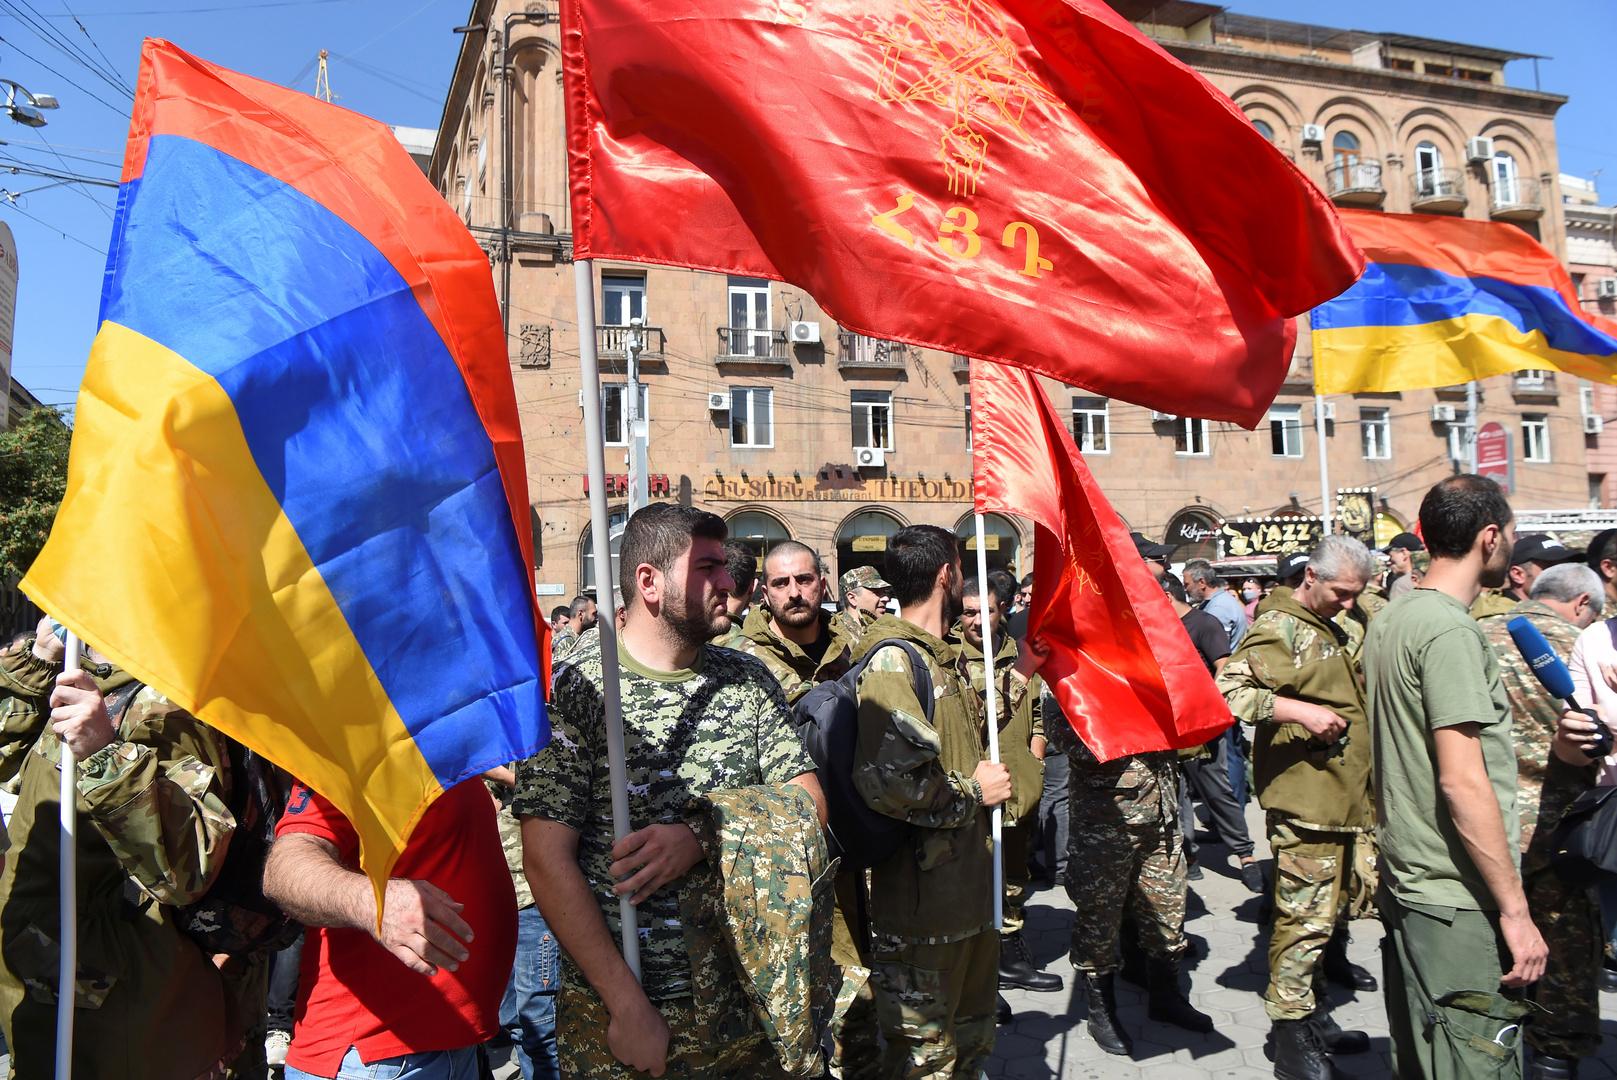 إعلان الأحكام العرفية في أرمينيا على خلفية تفاقم النزاع في إقليم قره باغ